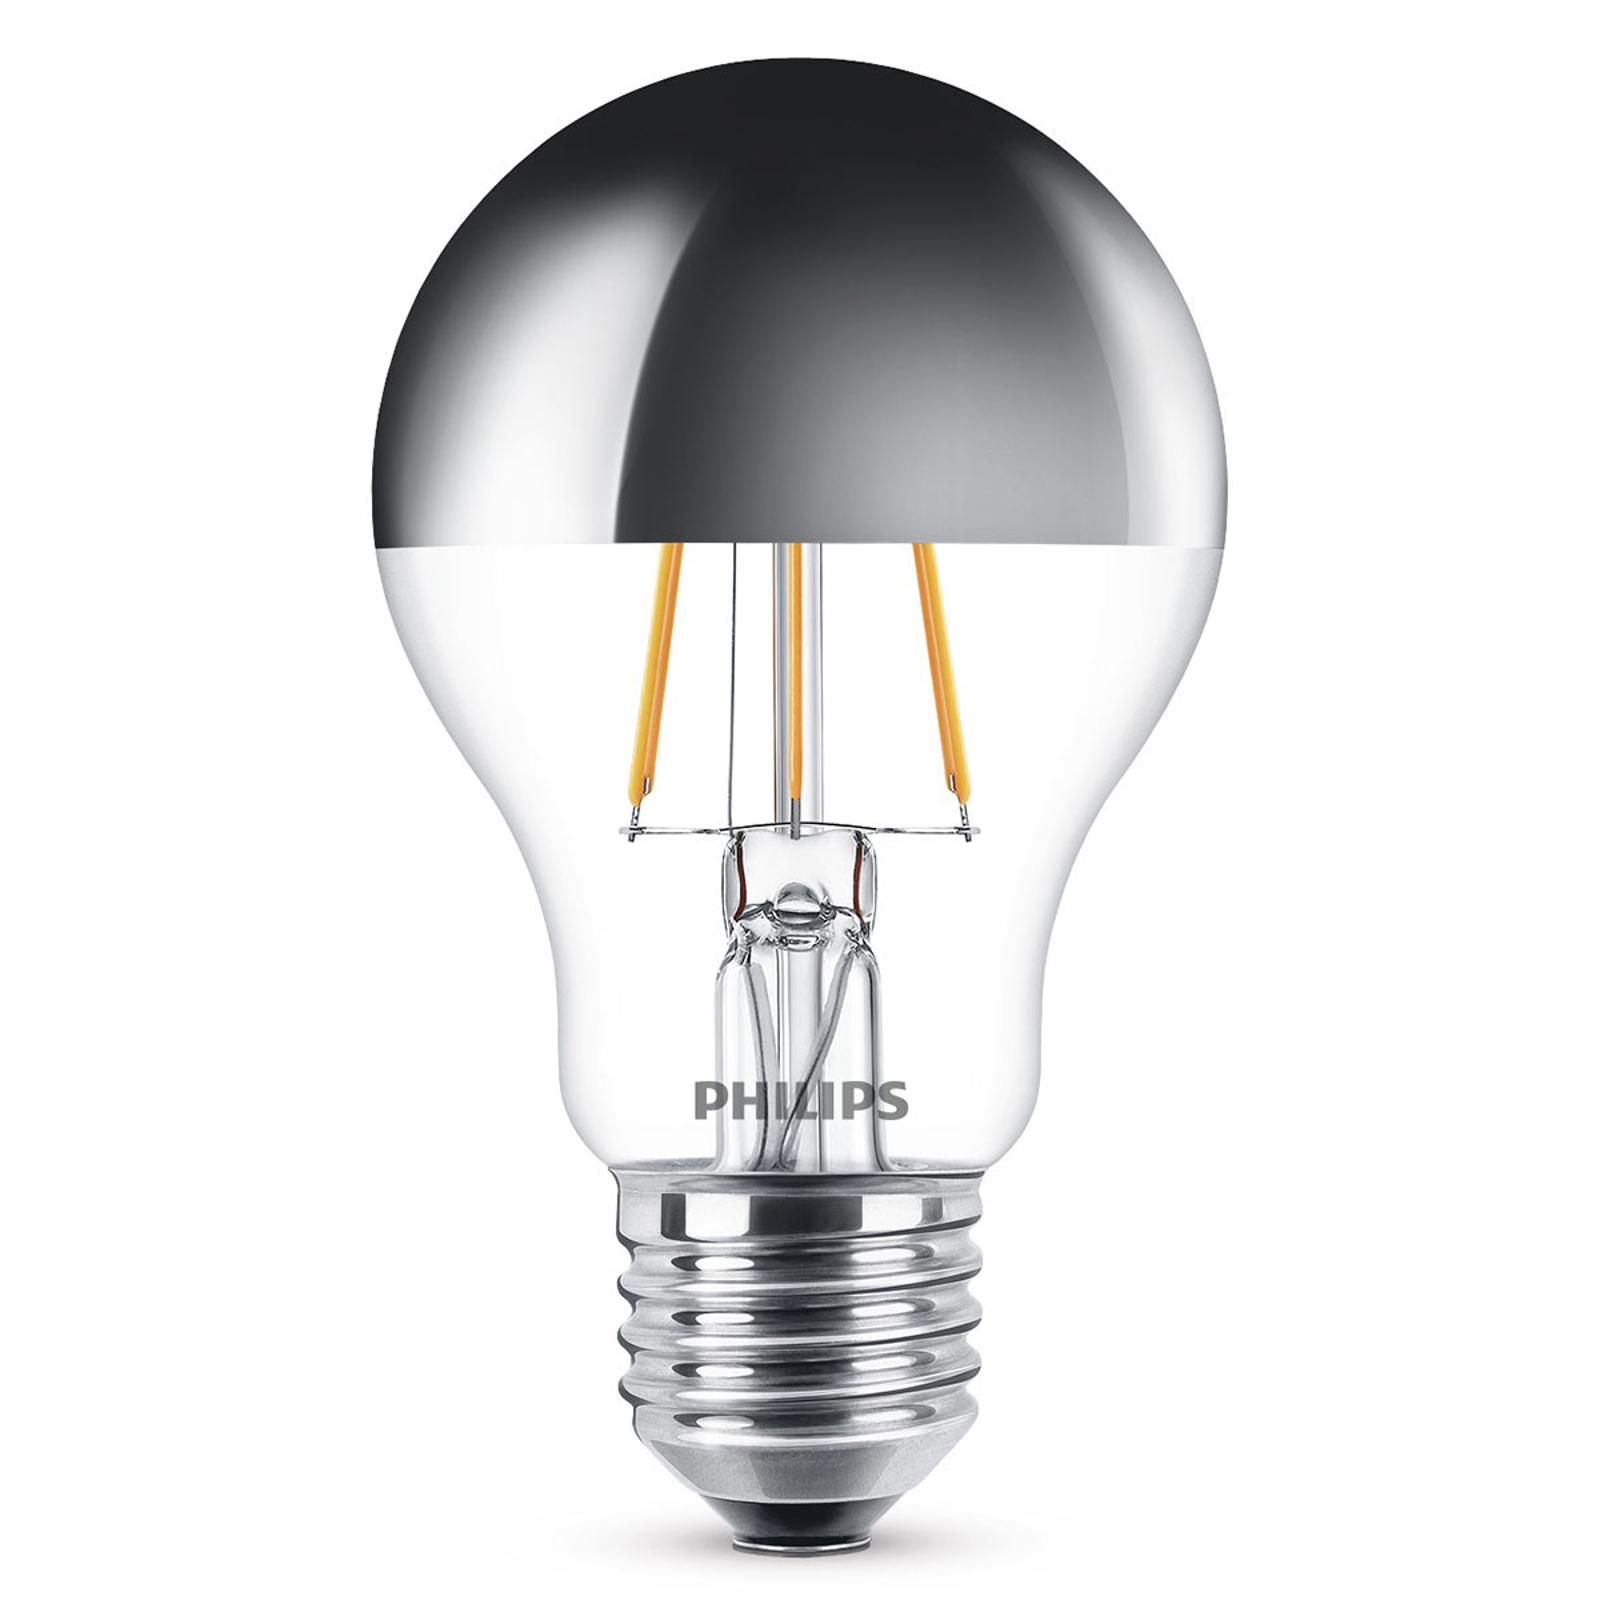 Philips Philips E27 LED žárovka se zrcadlem 5,5 W 2 700 K